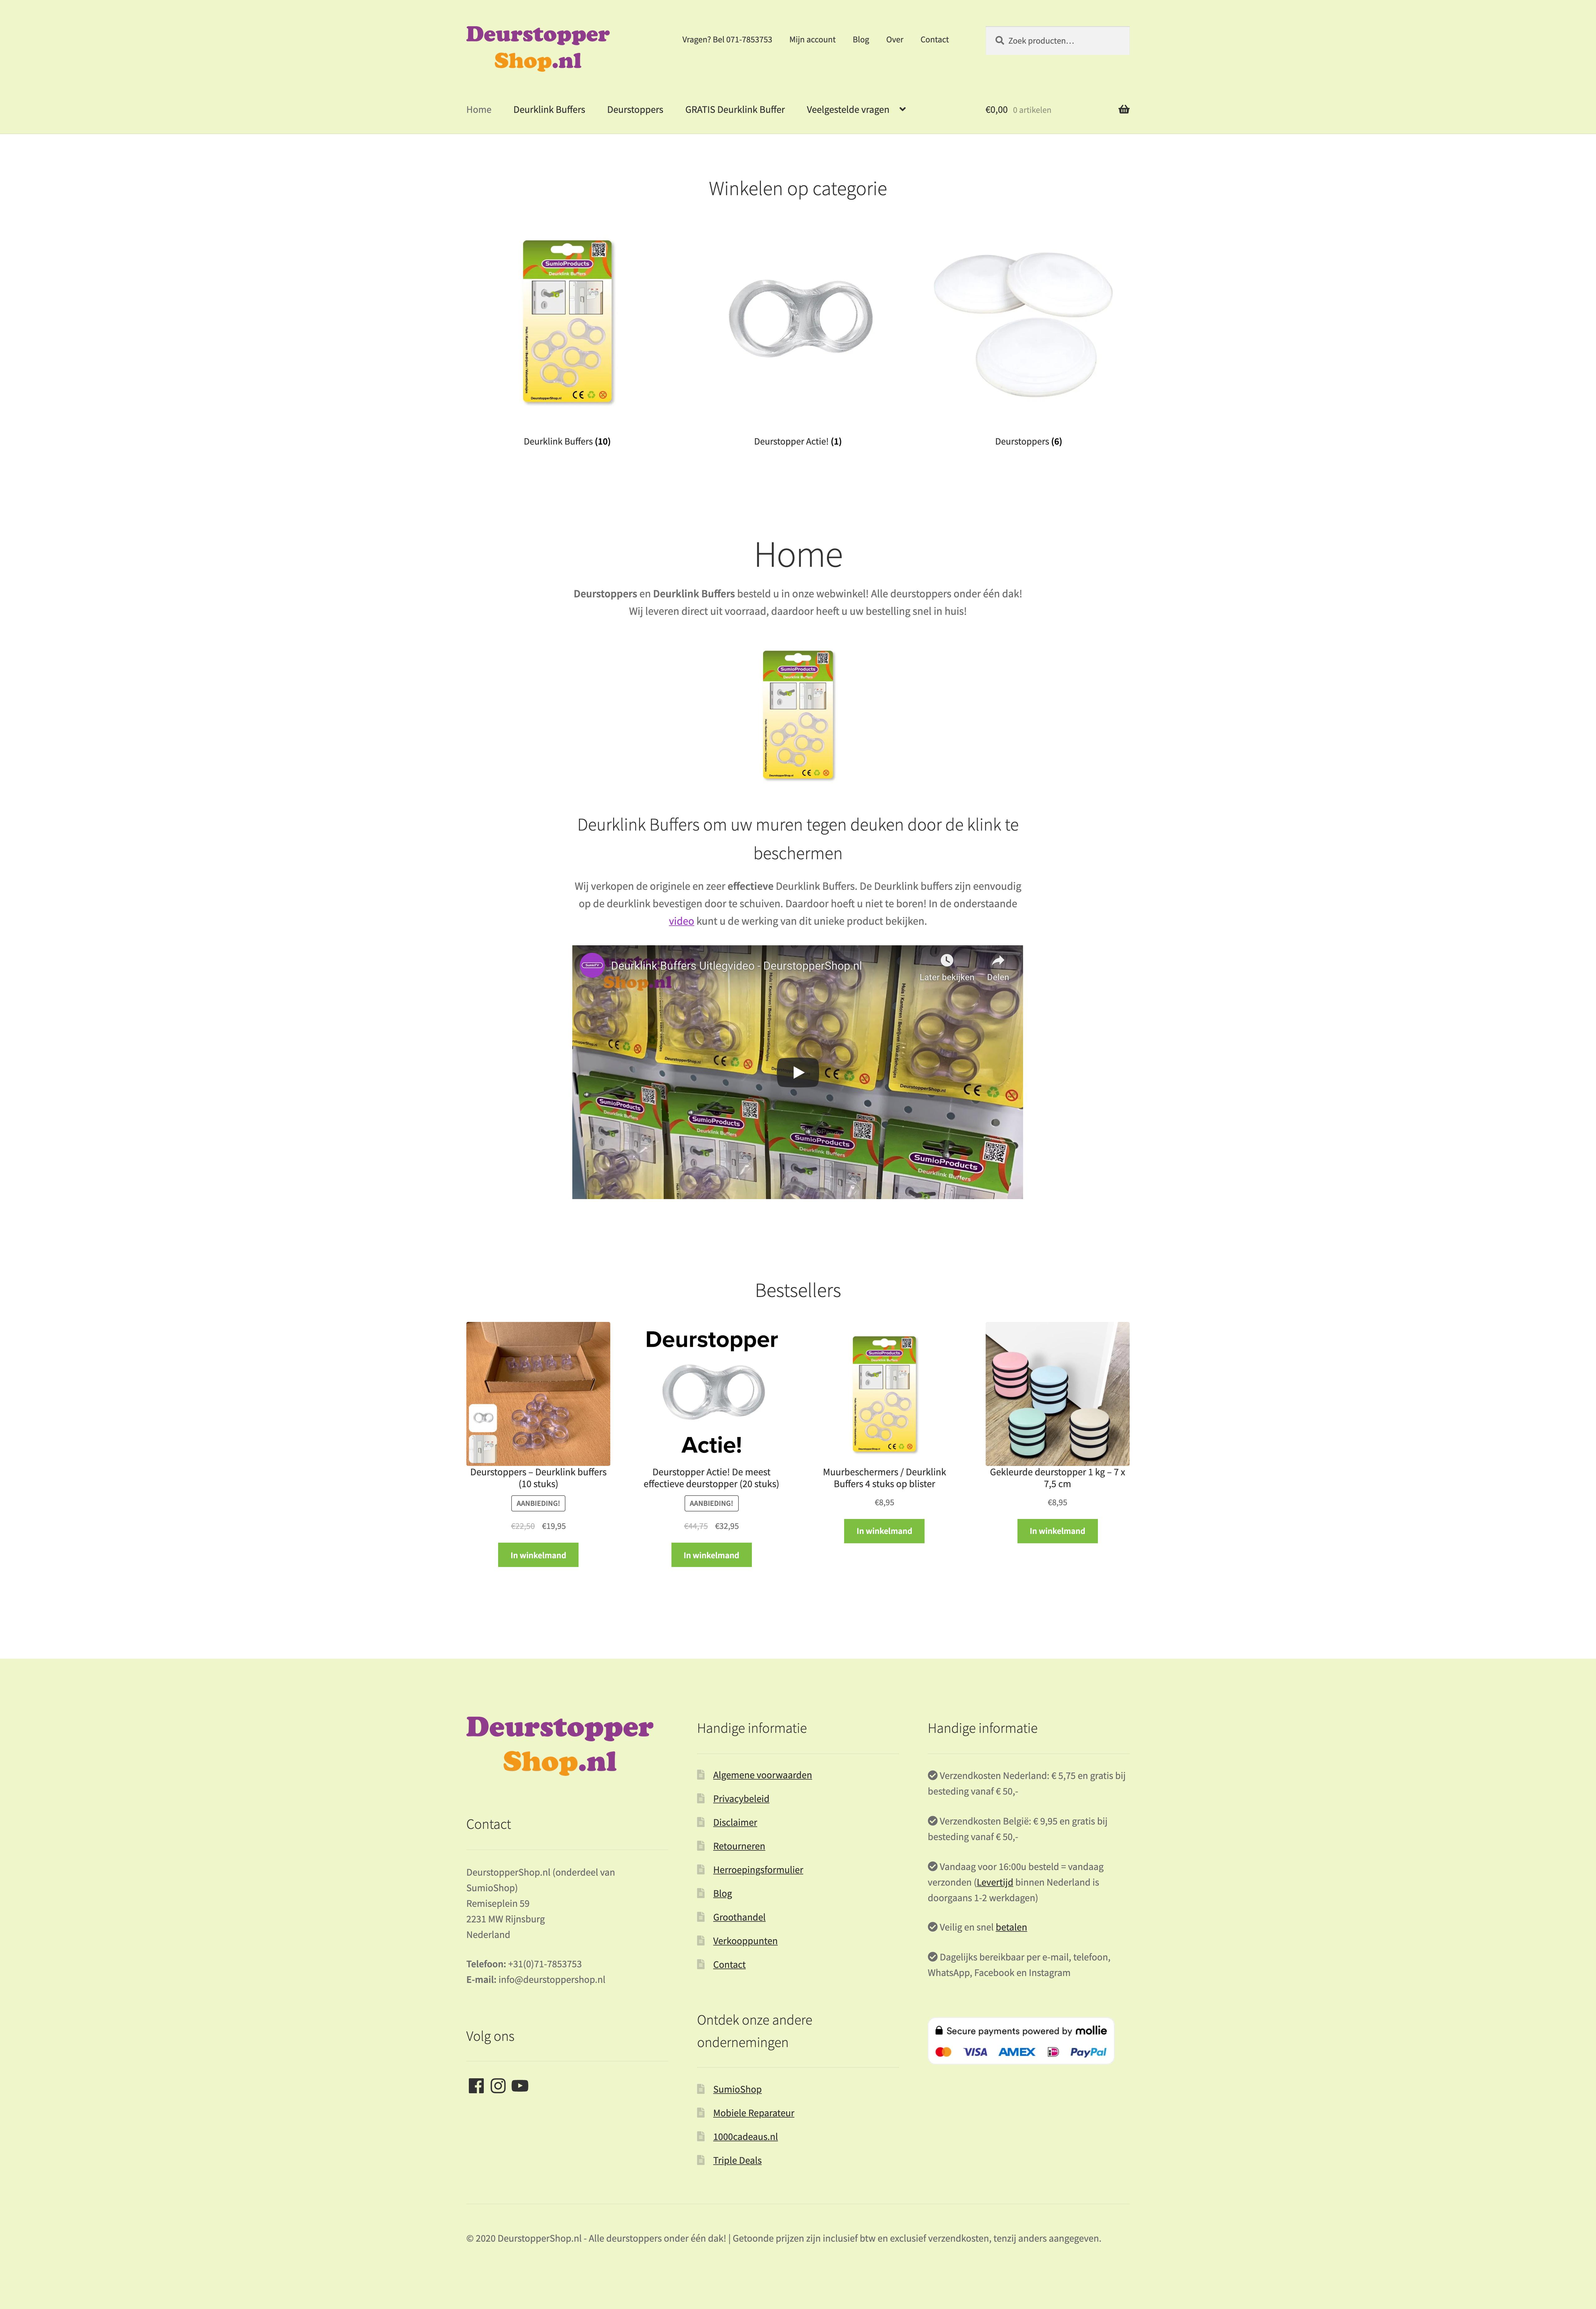 Schermafbeelding van de website van DeurstopperShop